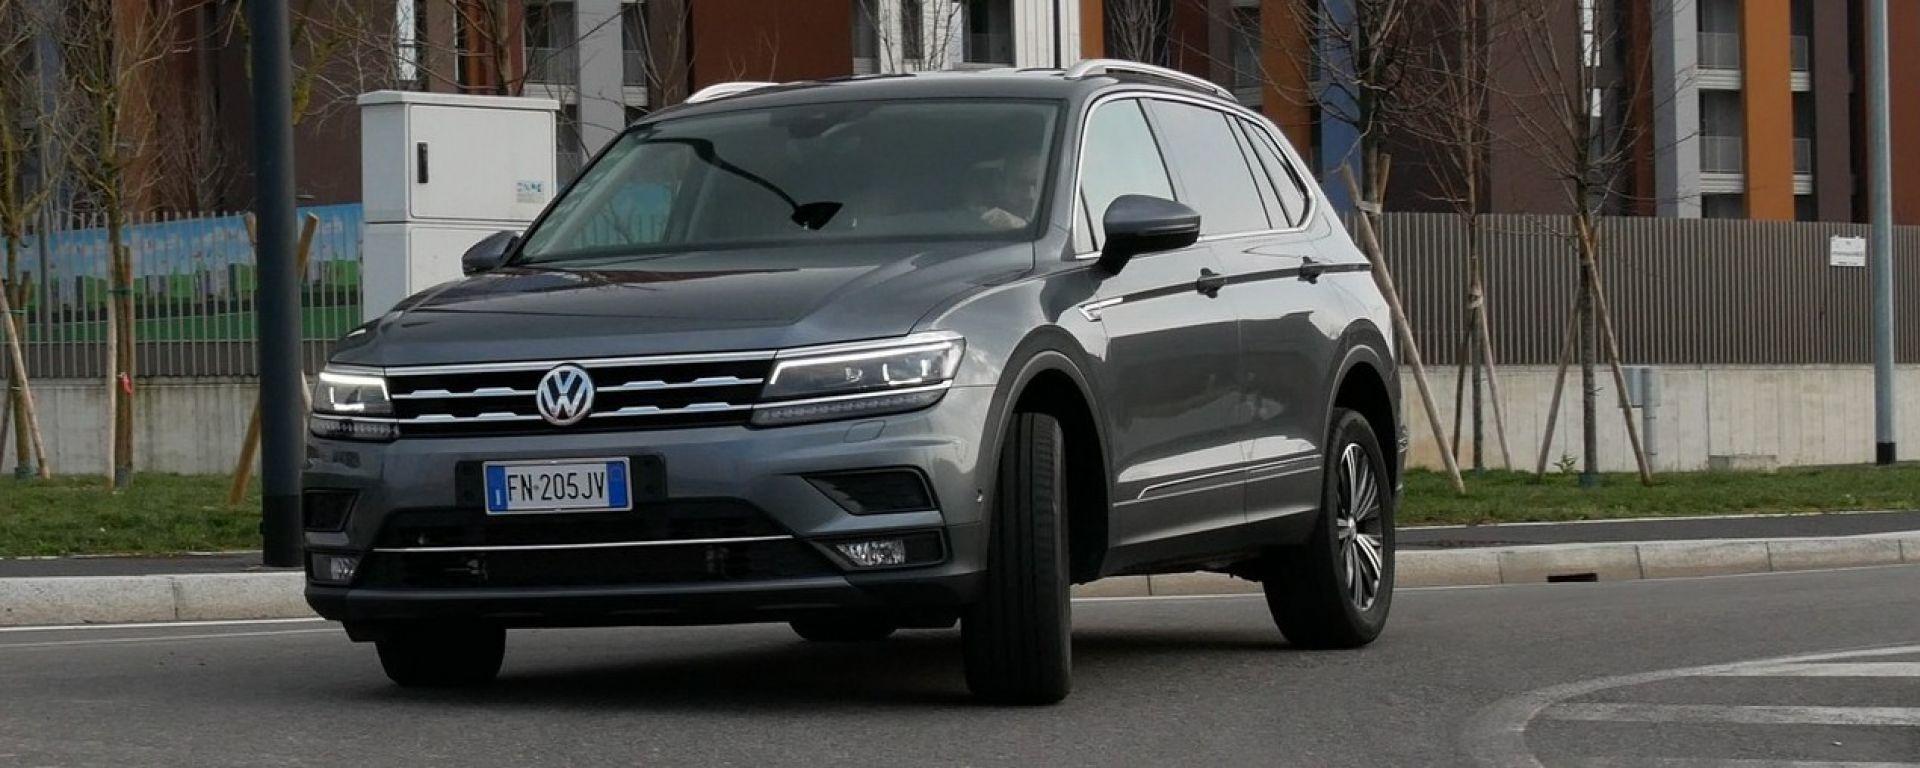 Volkswagen Tiguan Allspace 2.0 Tdi 150 CV: mostra quanto ce l'hai grosso...il SUV